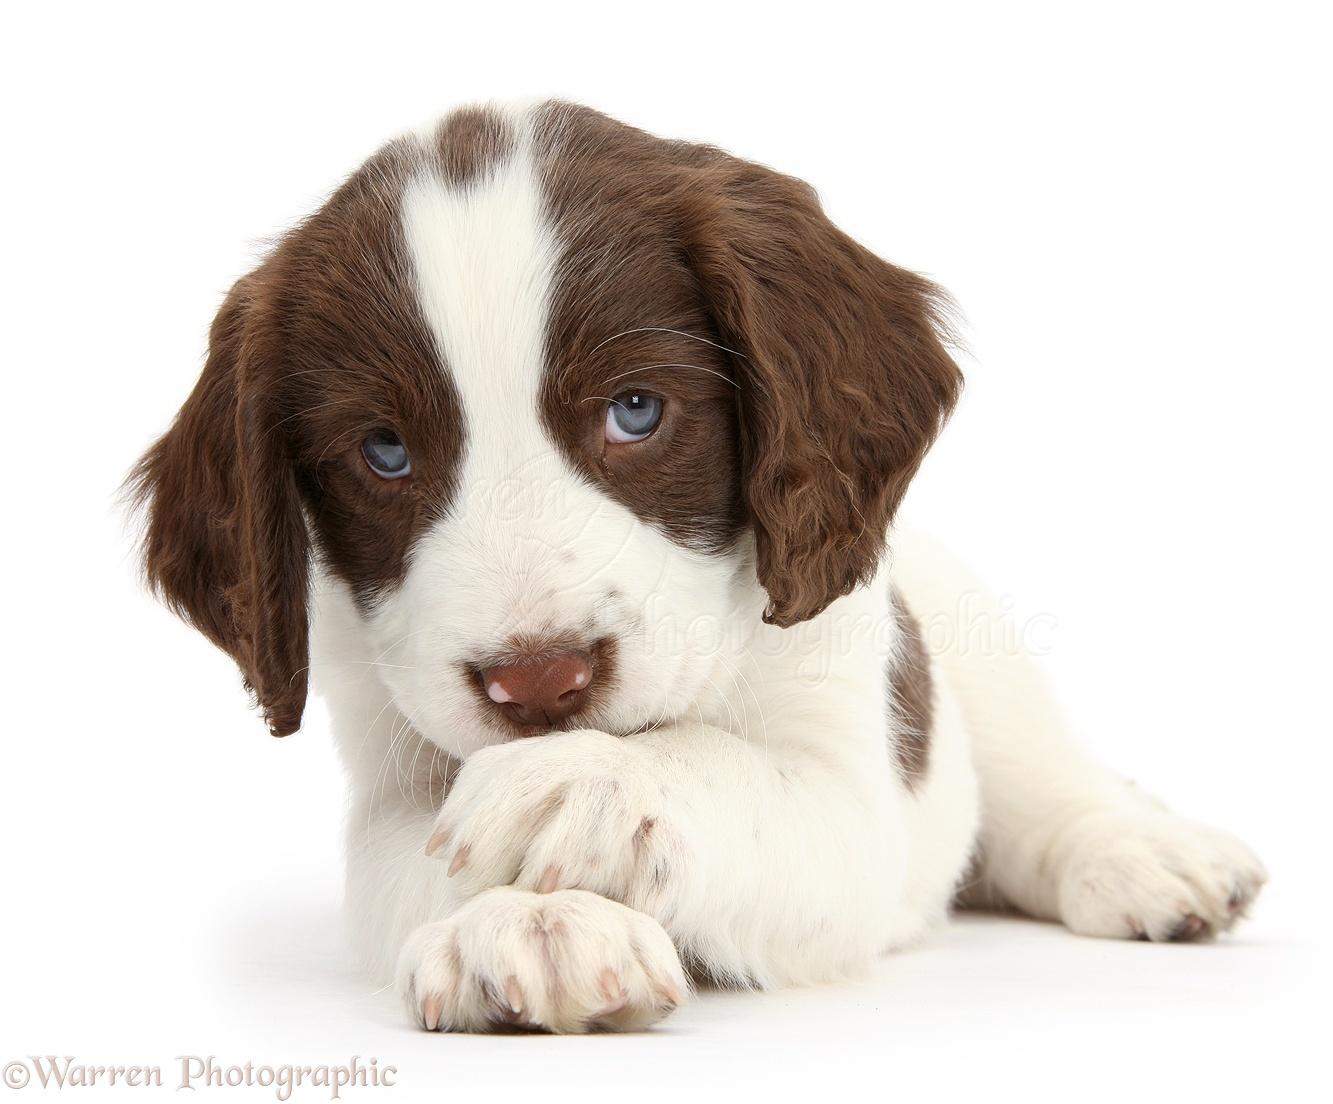 Dog Photographs English Springer Spaniel Puppy Photo Wp39807